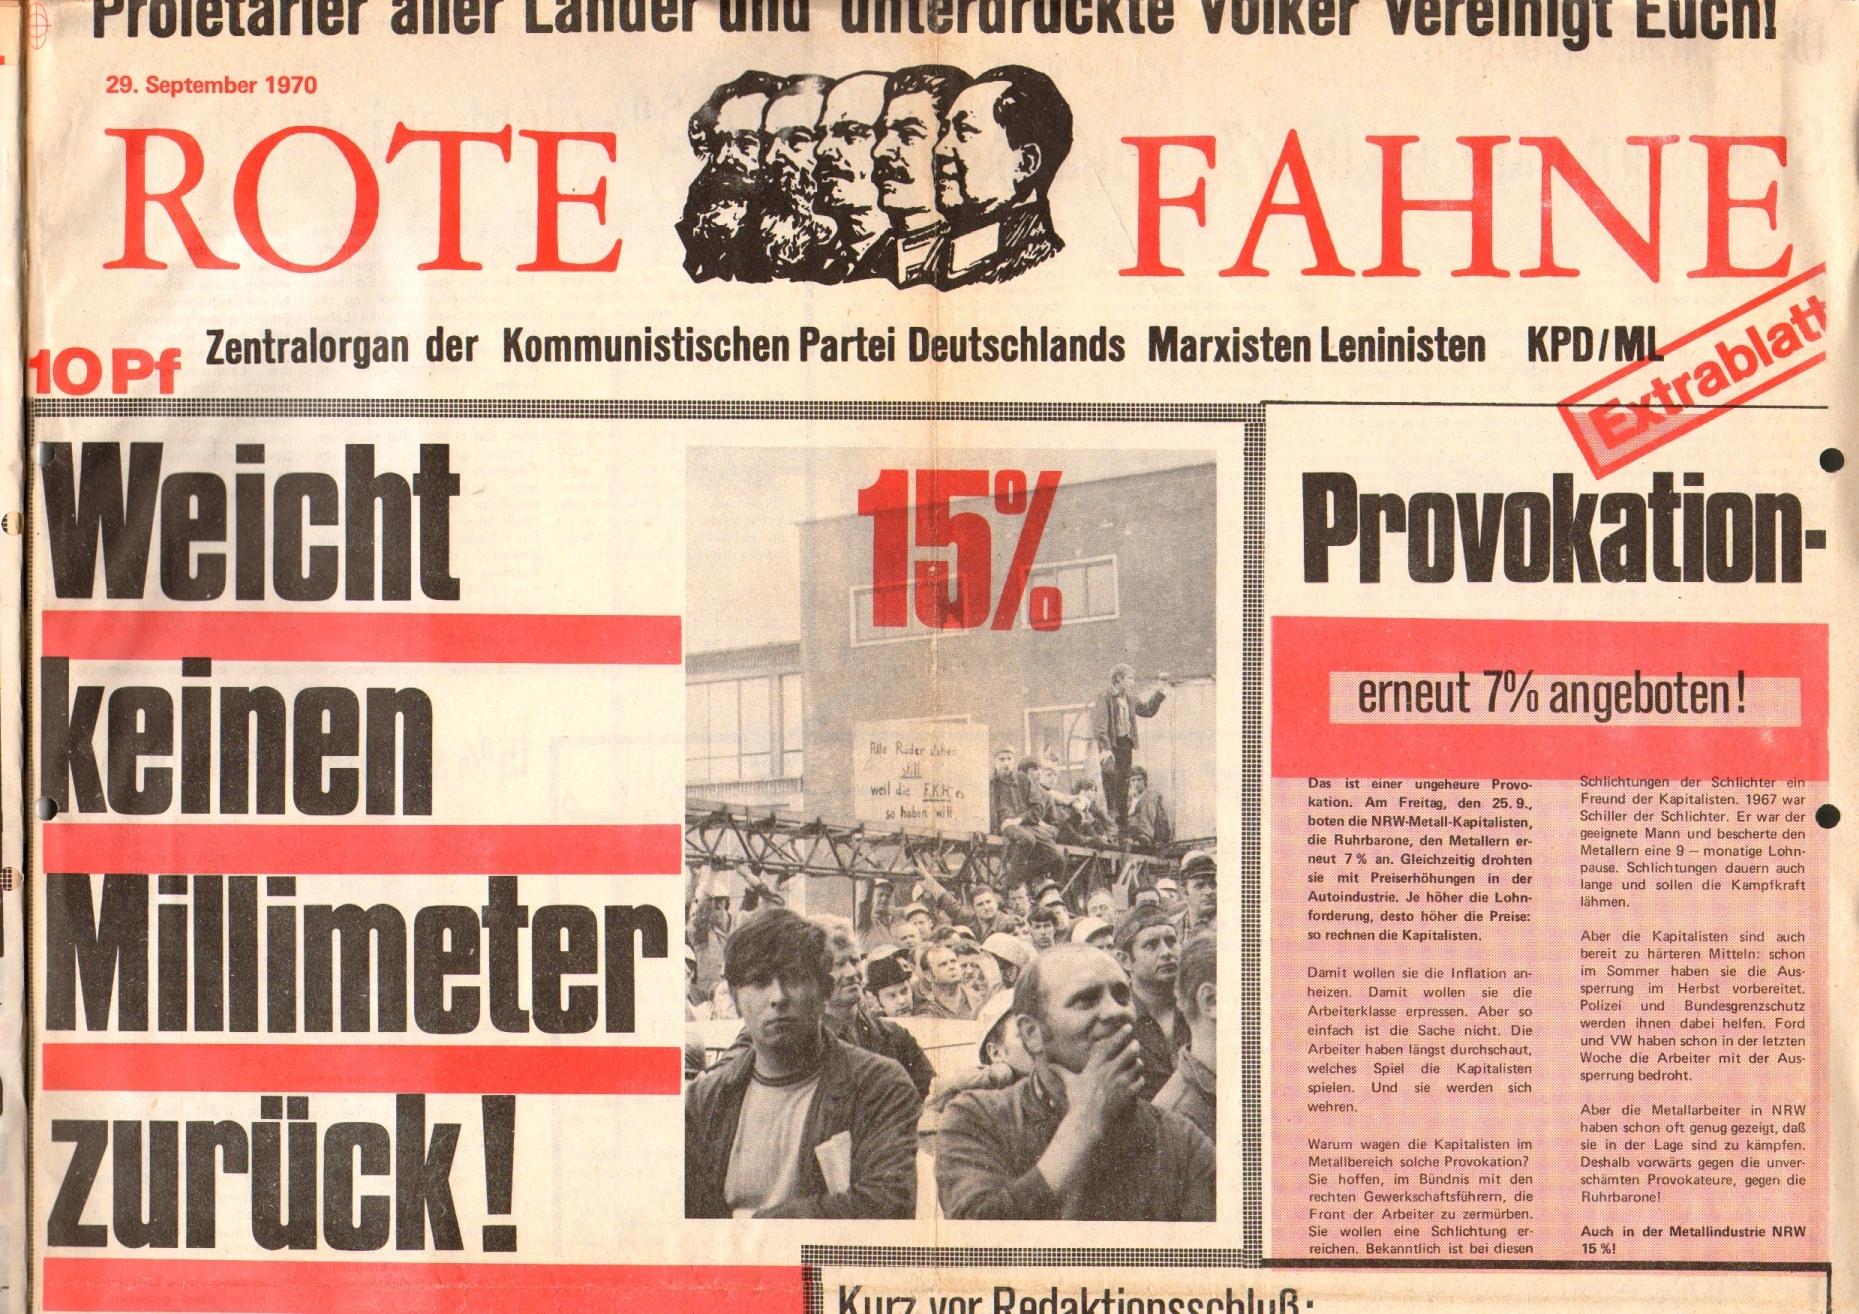 Rote Fahne, 1. Jg., 29. September 1970, Extrablatt, Seite 1 oben